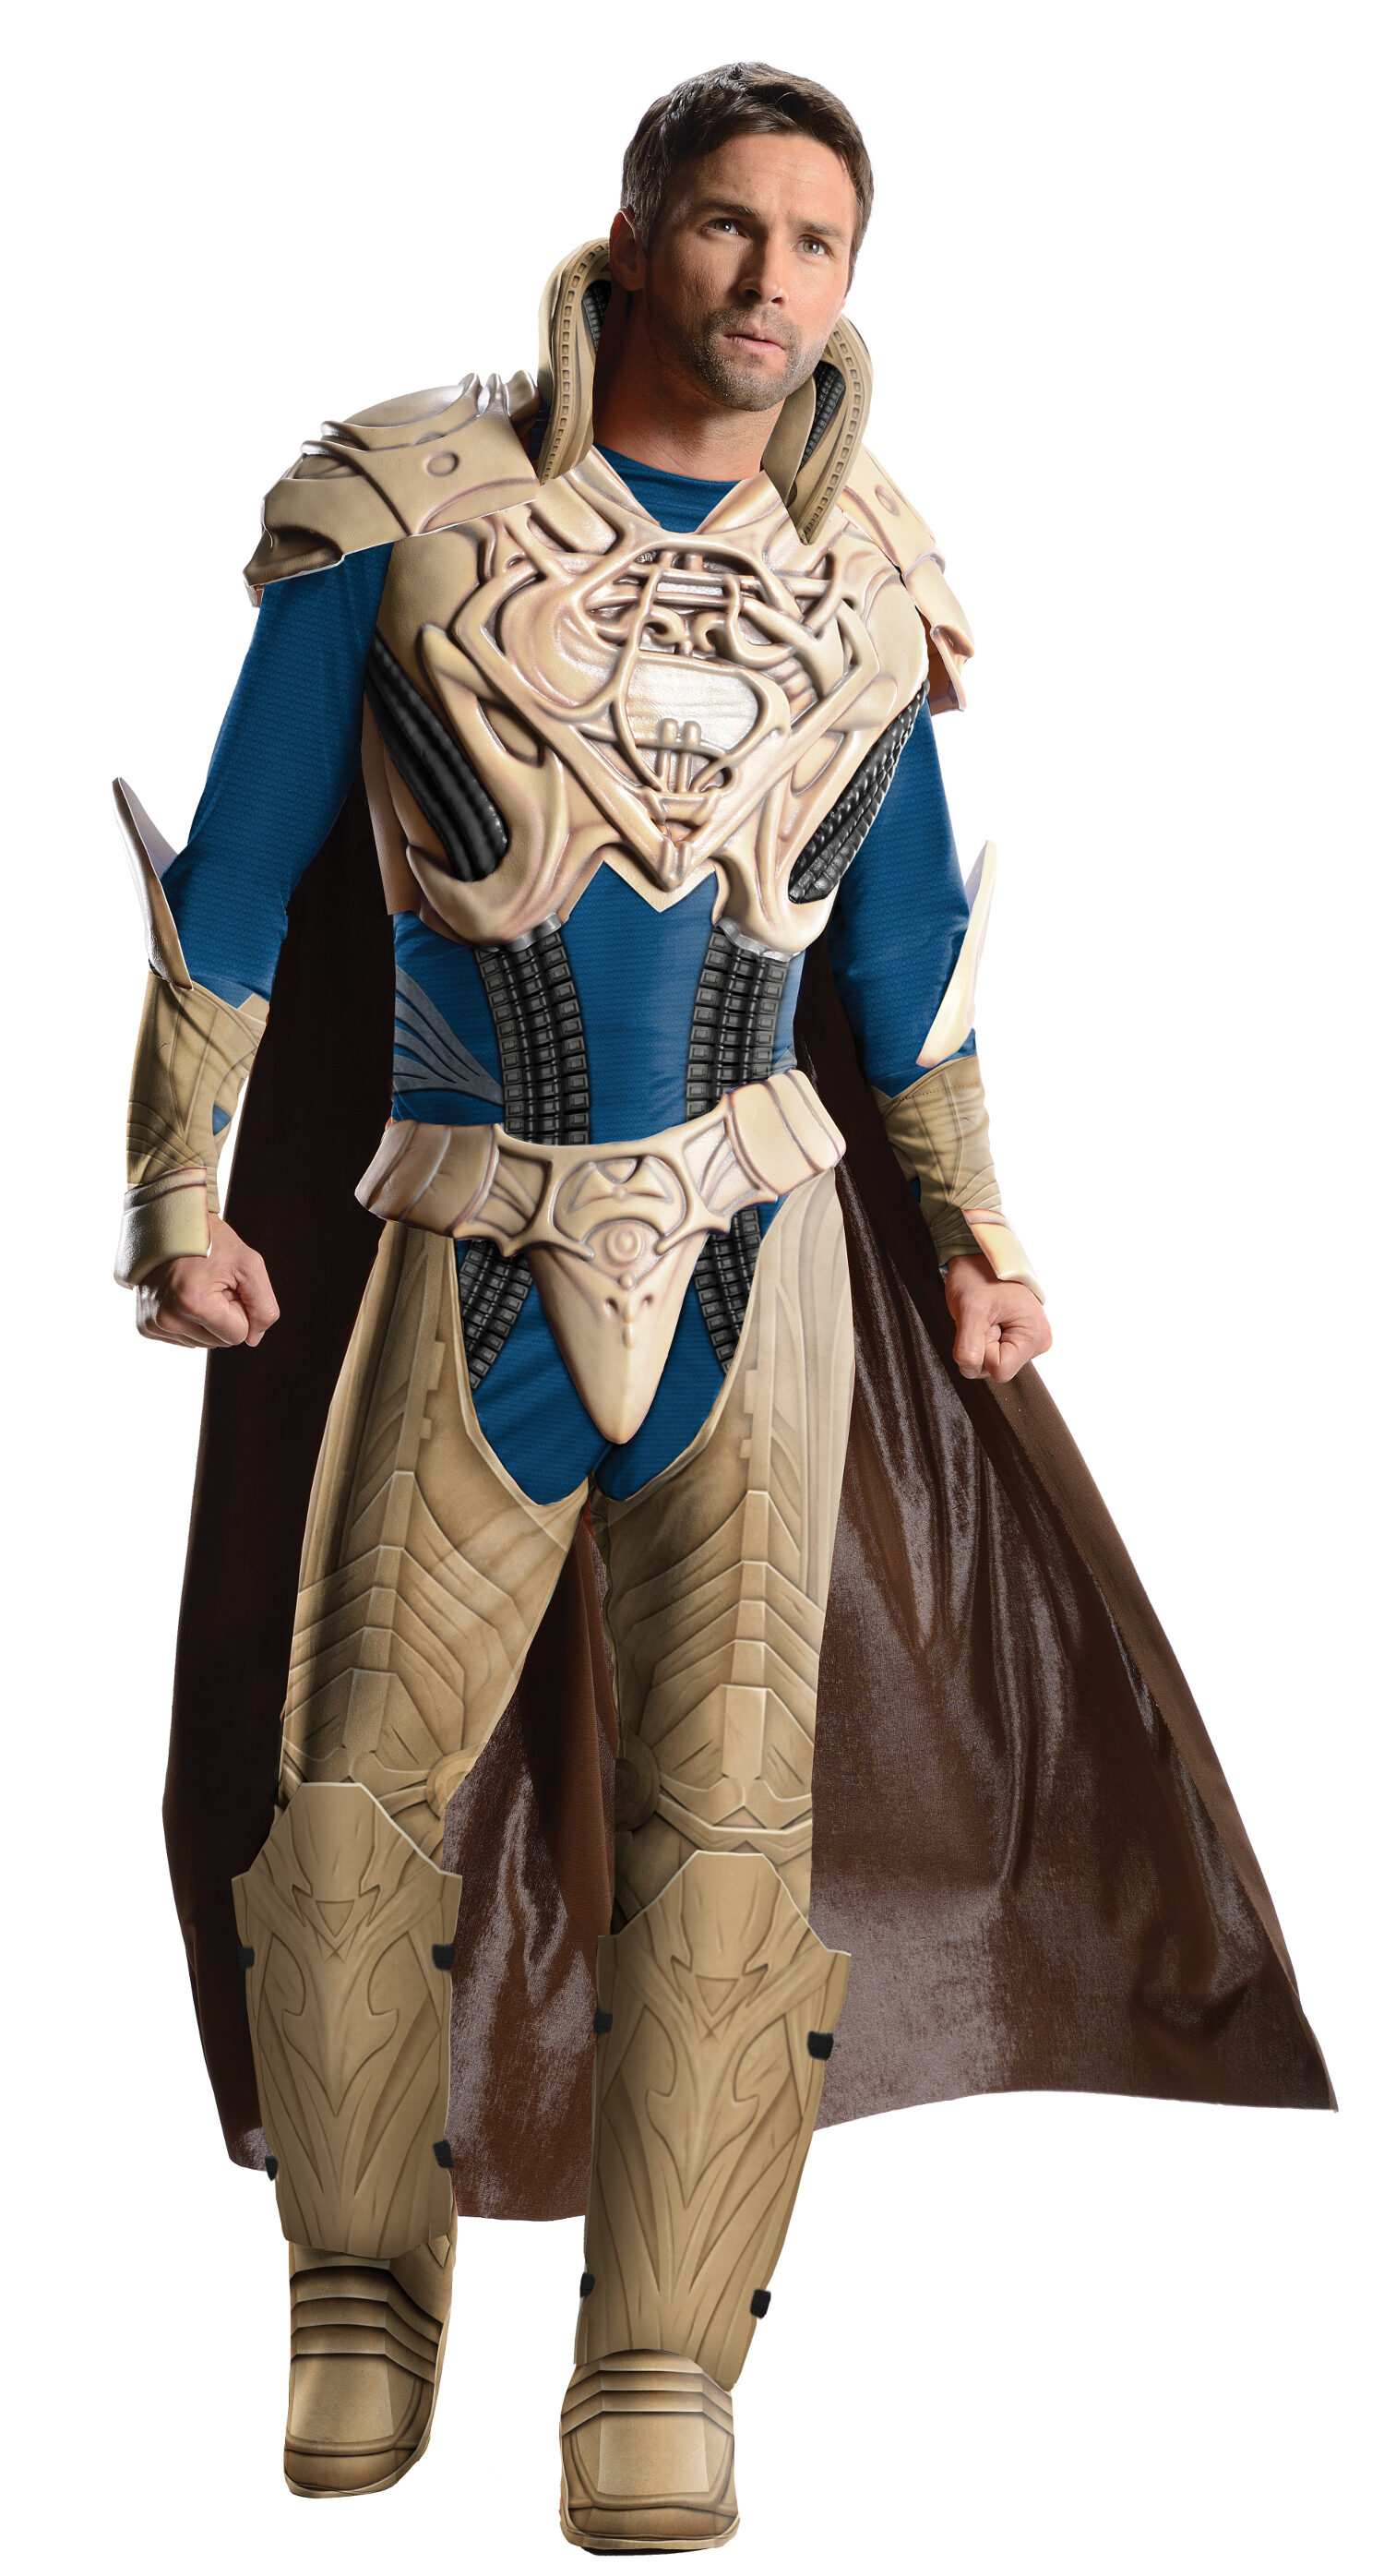 Deluxe Jor-el Superman Adult Costume - Mr. Costumes